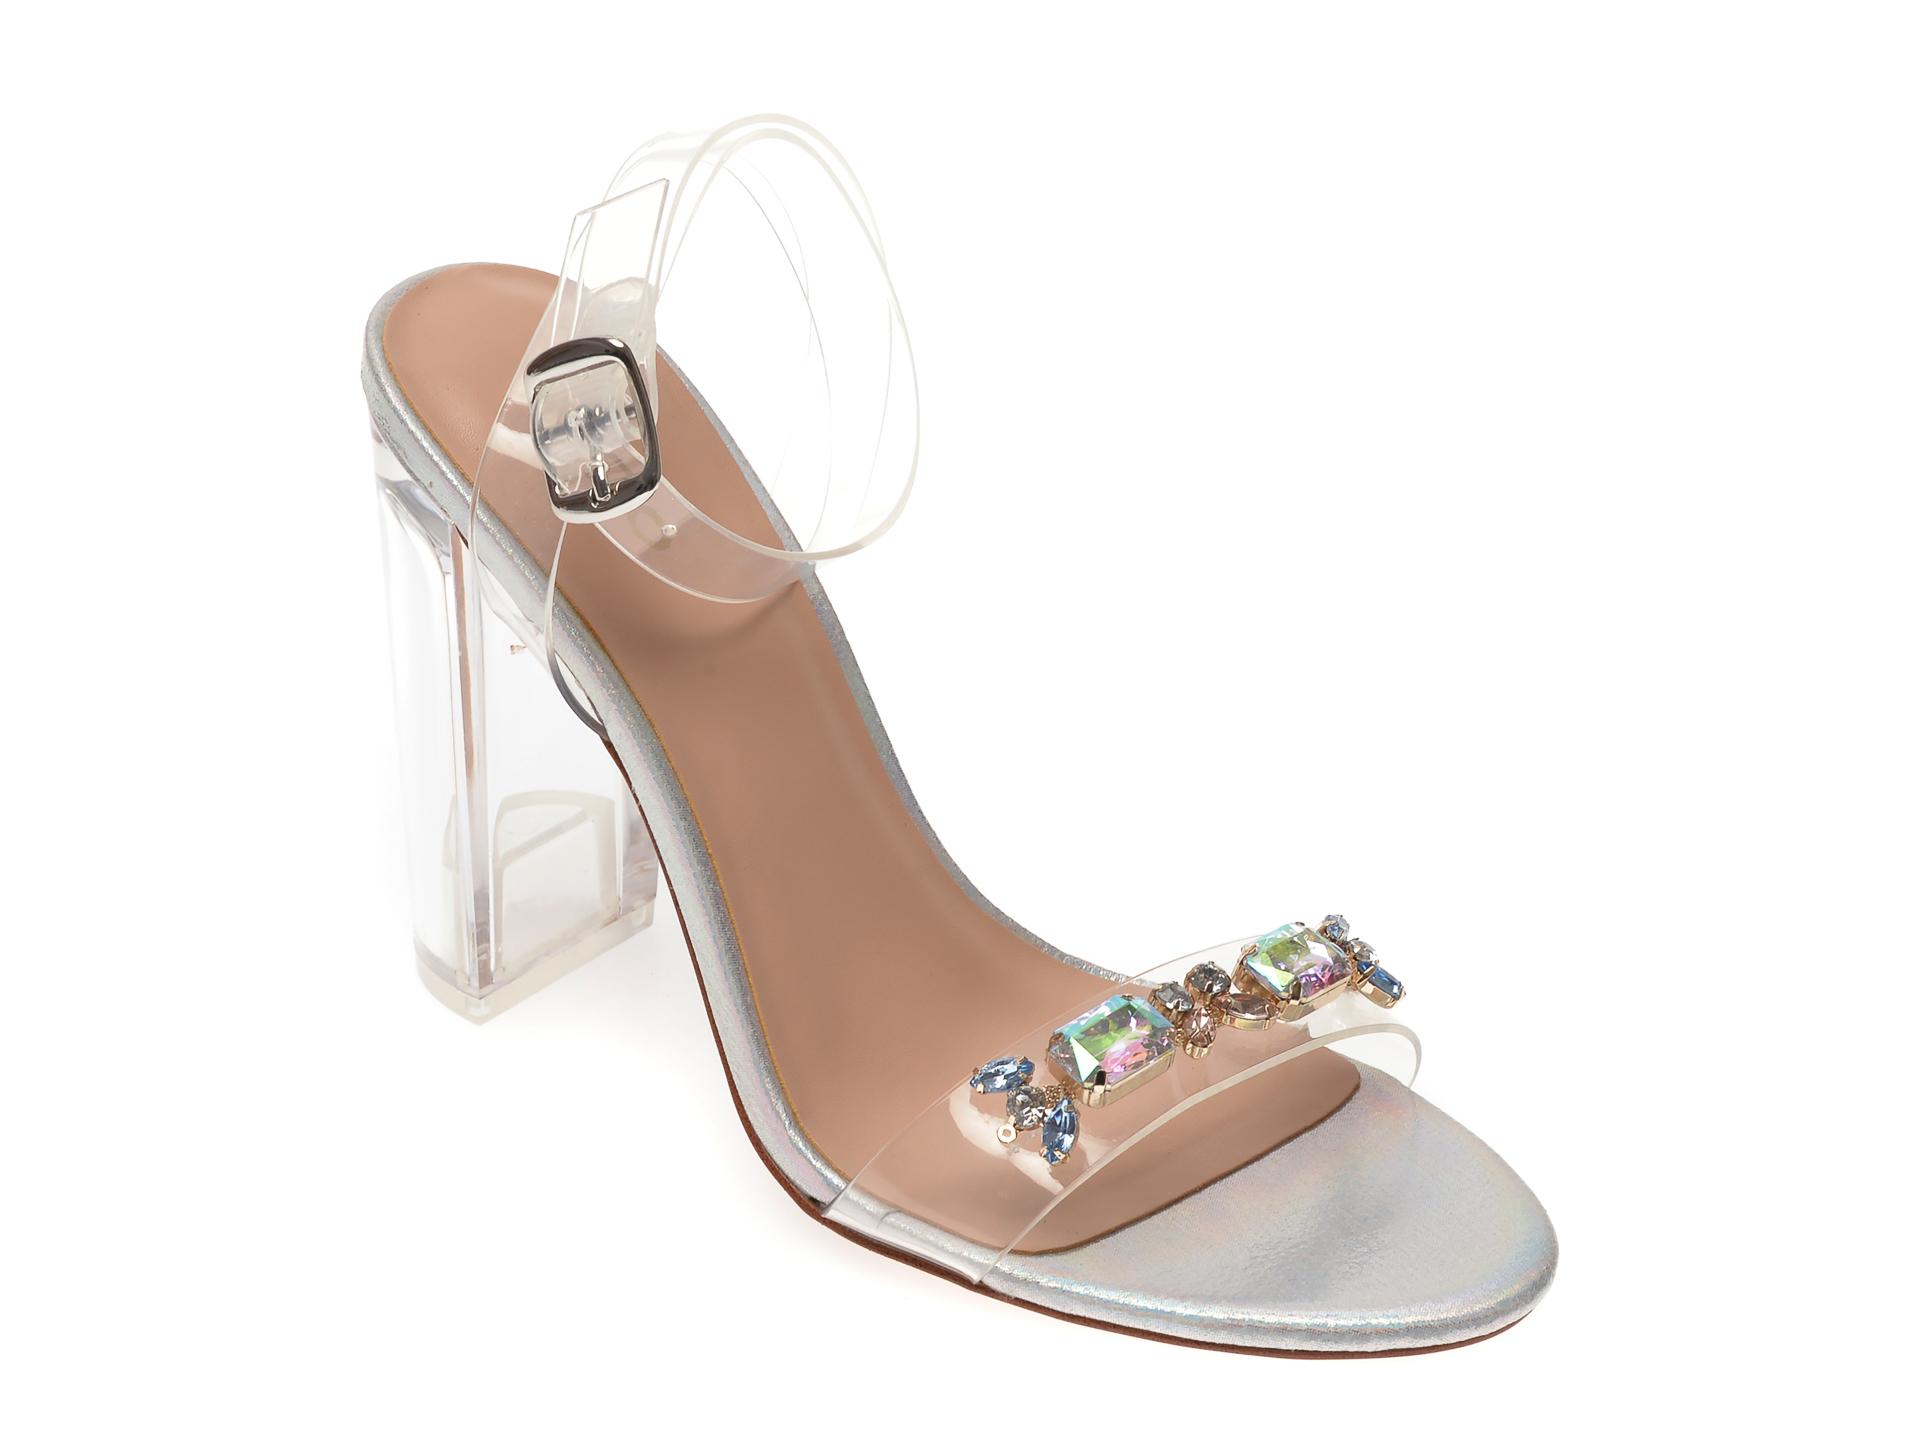 Sandale ALDO argintii, Aniwien962, din plastic